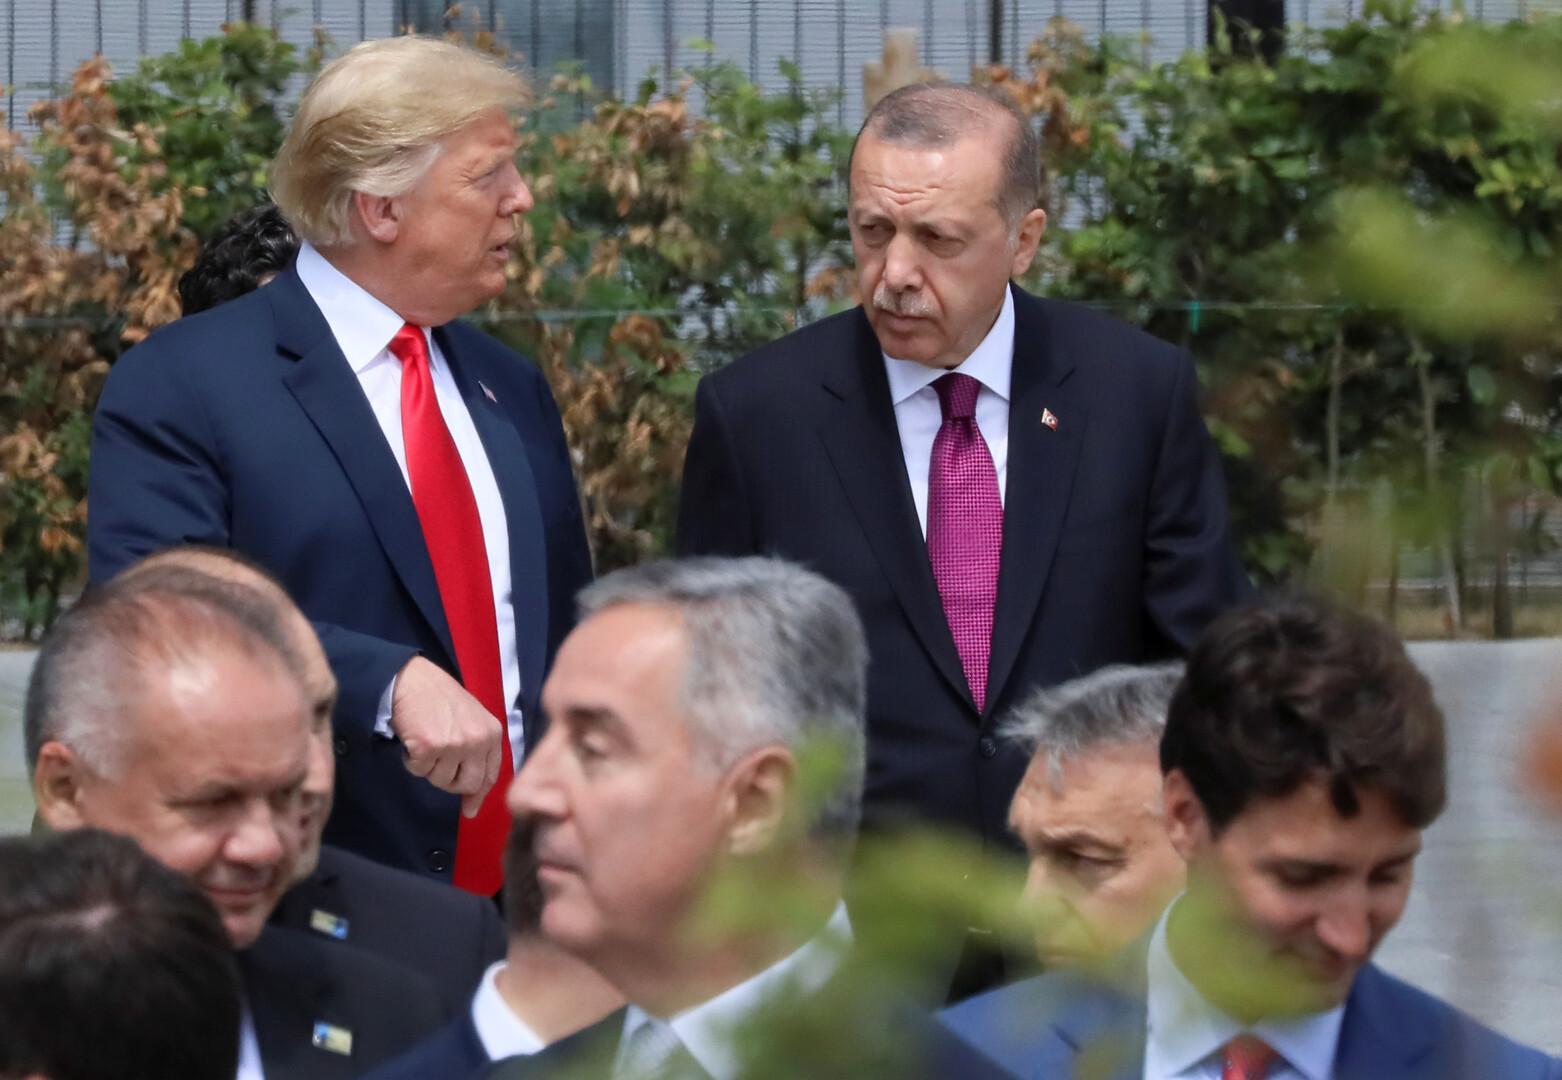 اتفاق الولايات المتحدة وتركيا على تقسيم سوريا؟